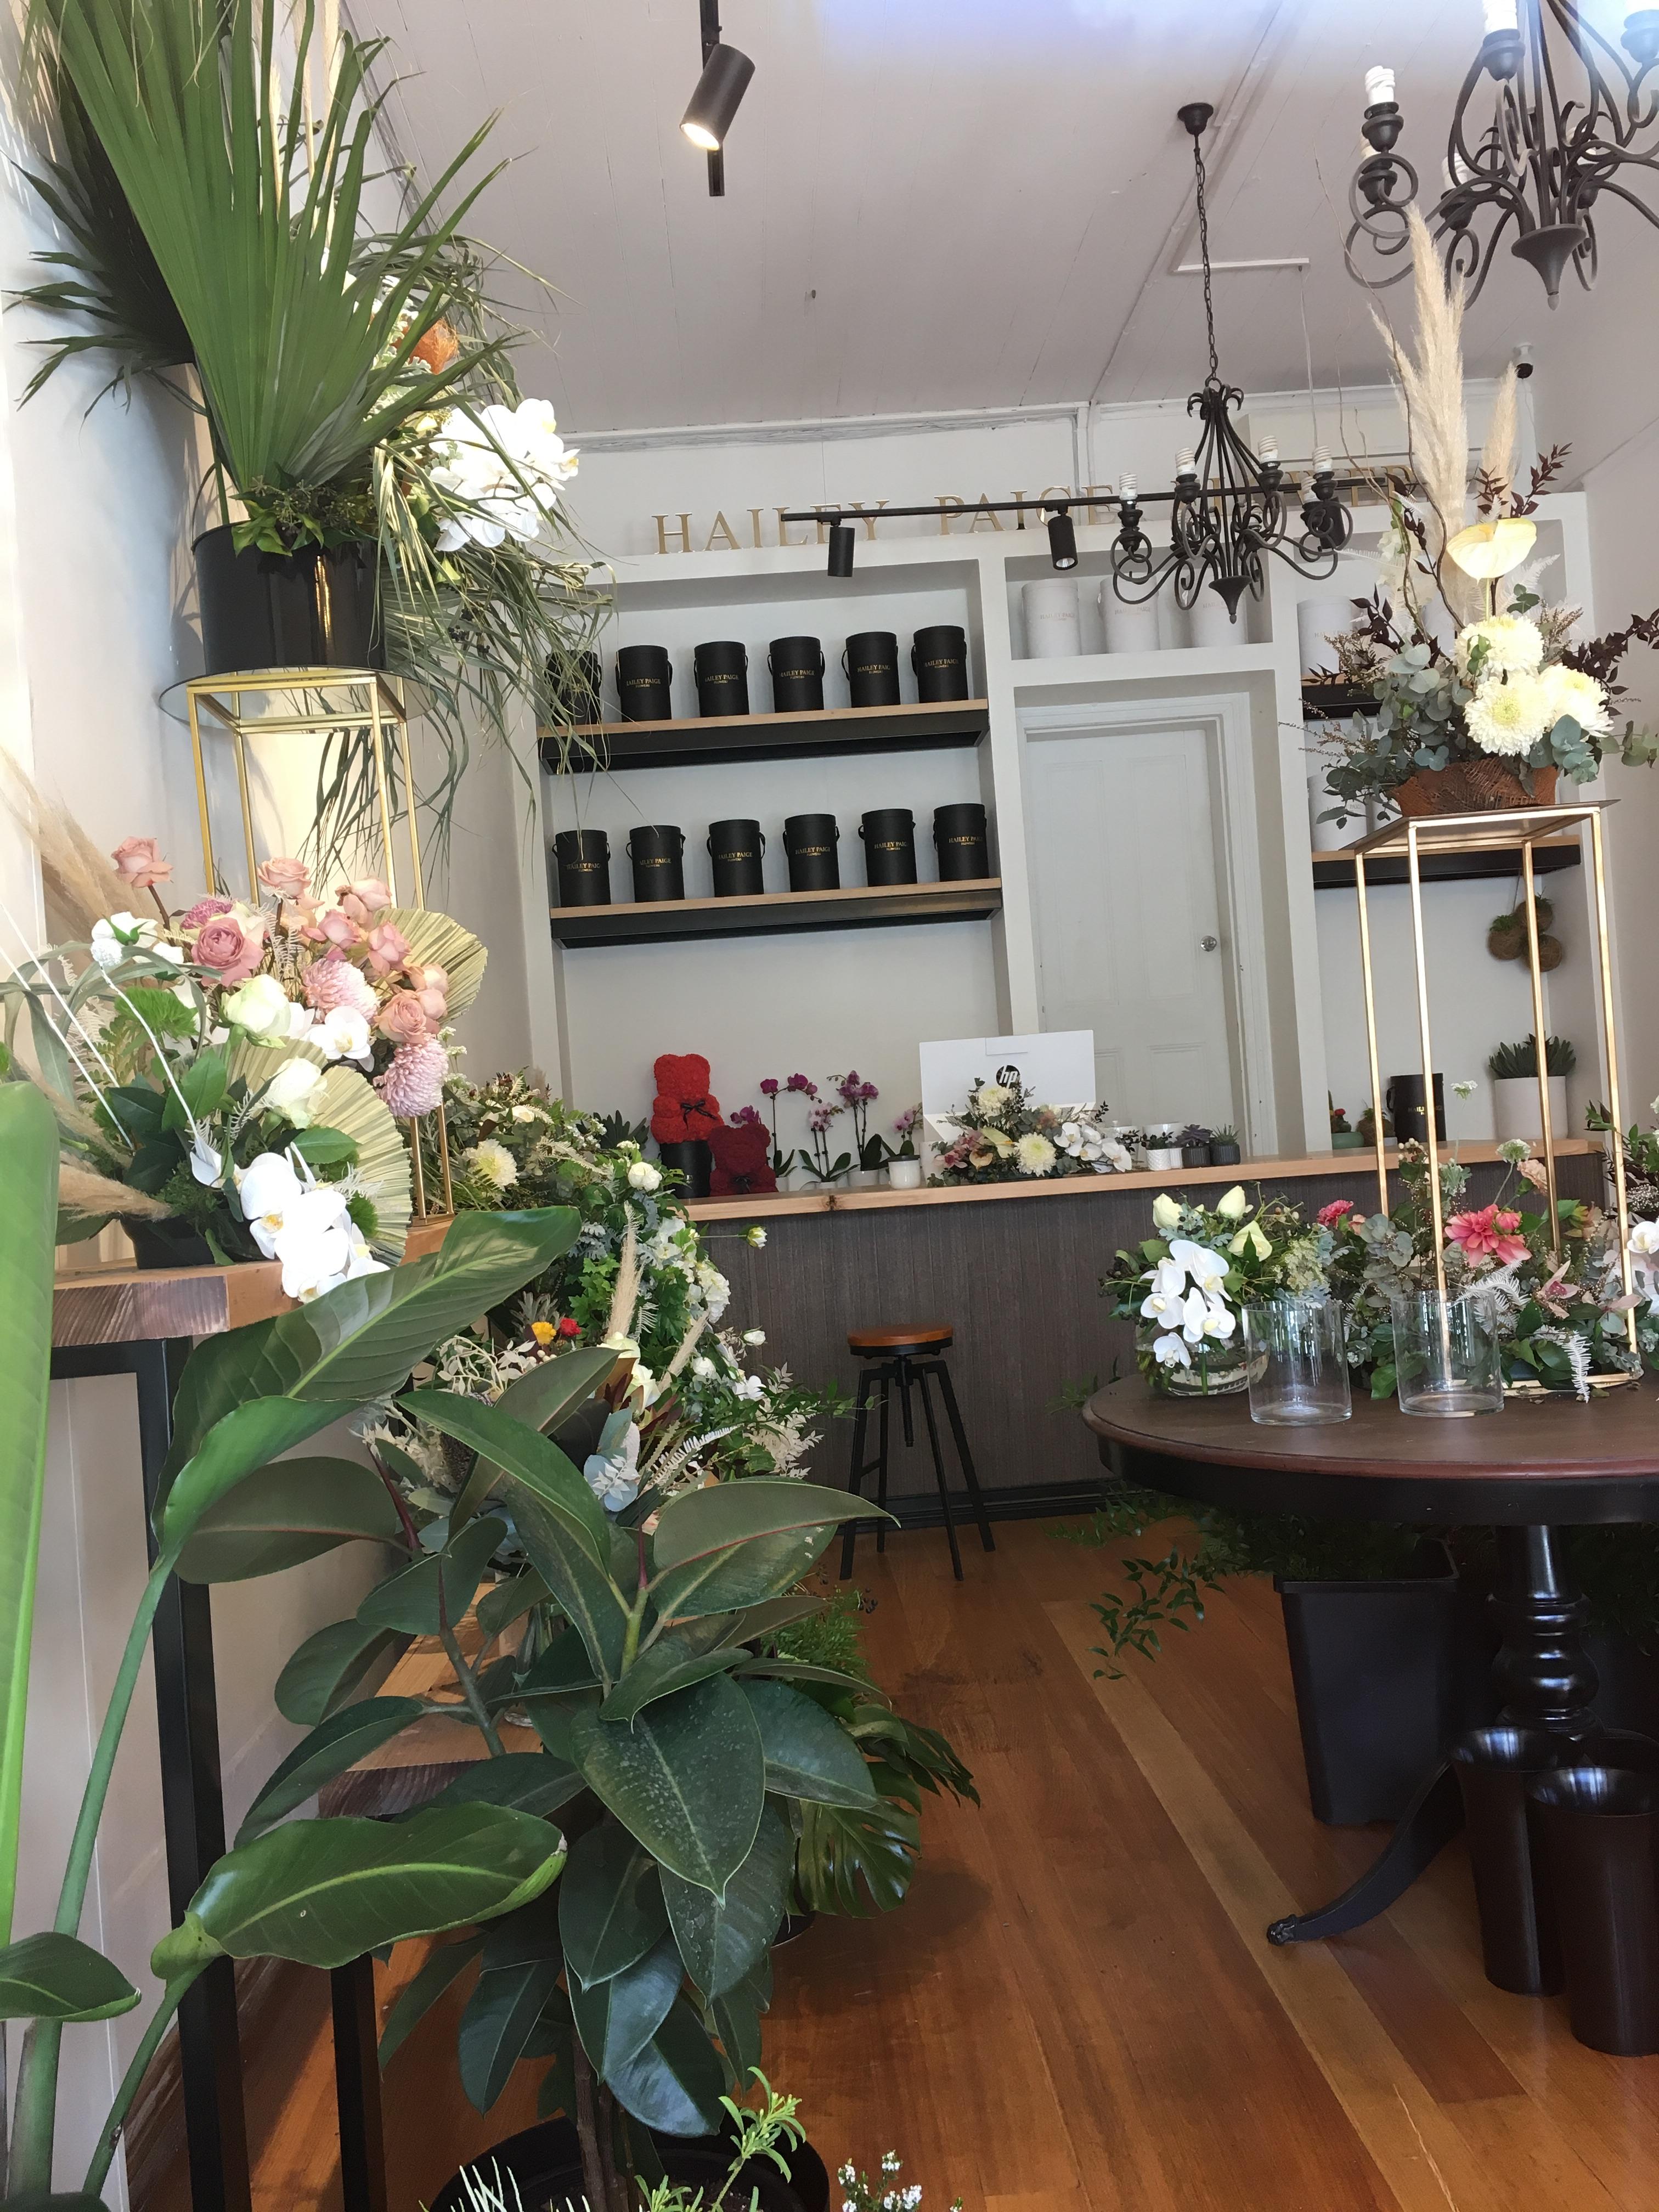 Flower shop full of flowers